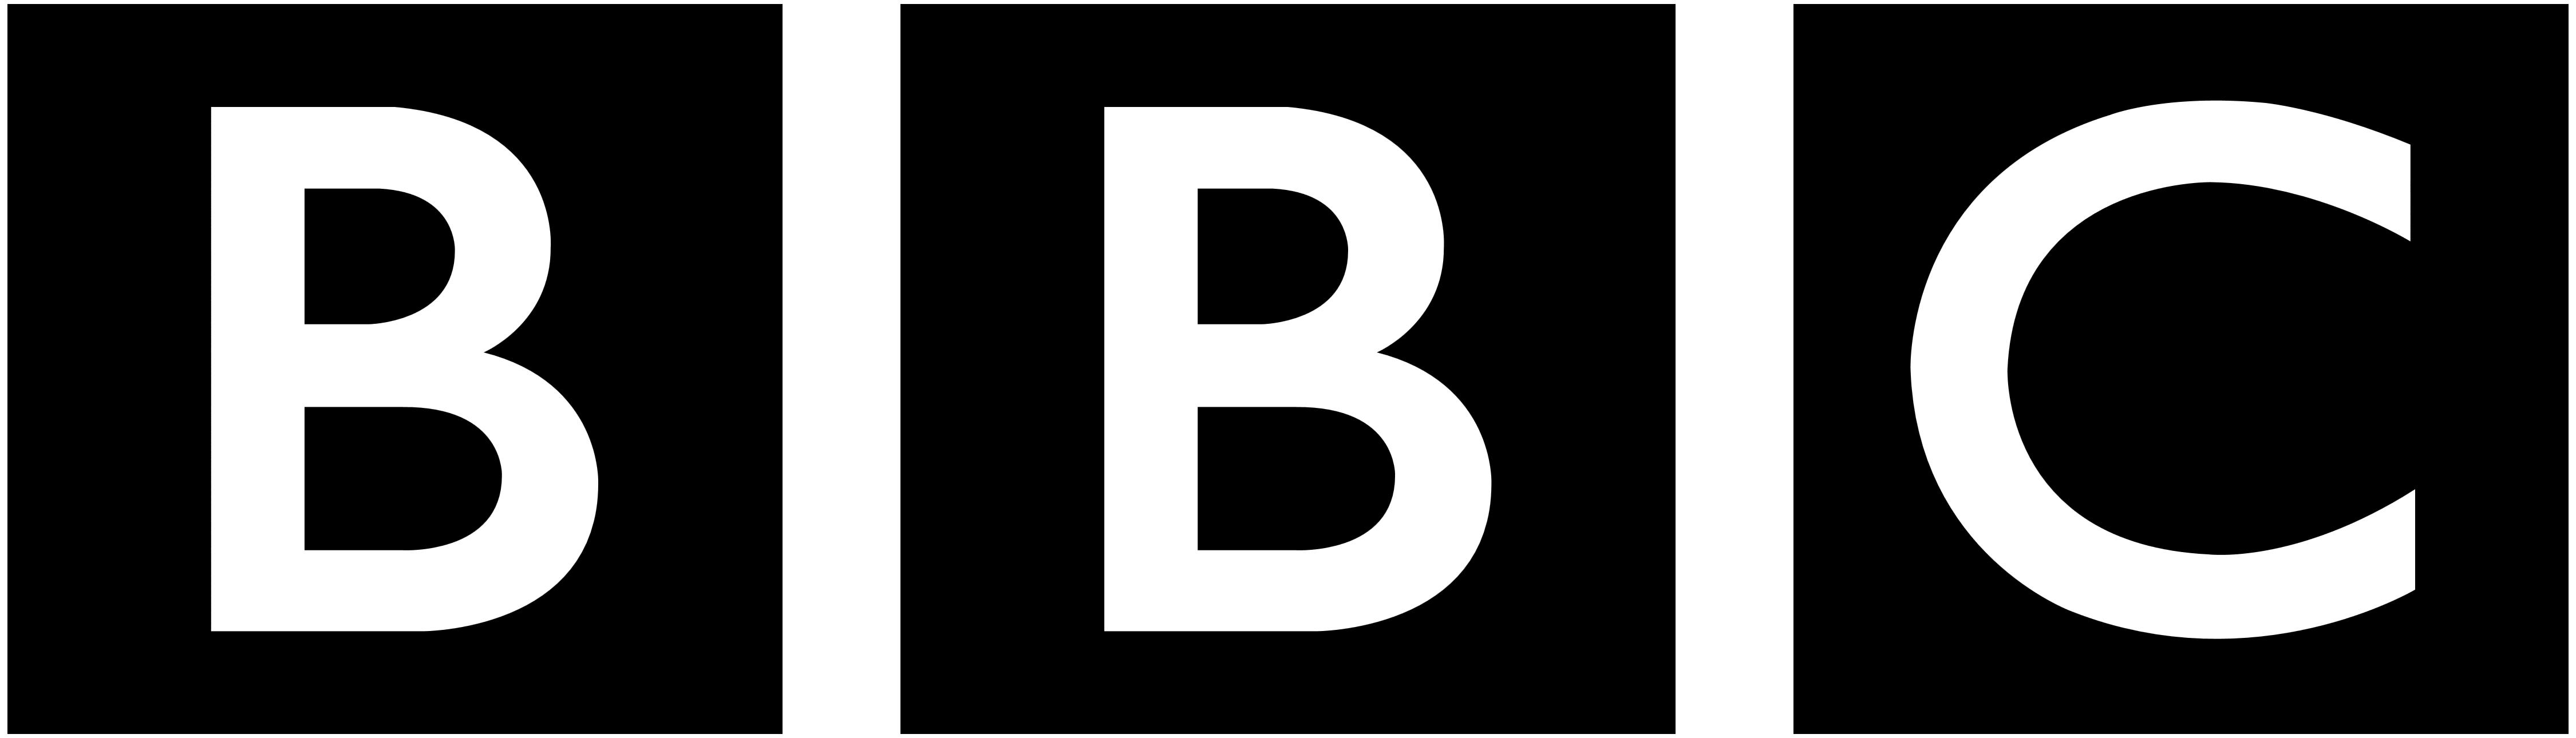 bbc logo clare